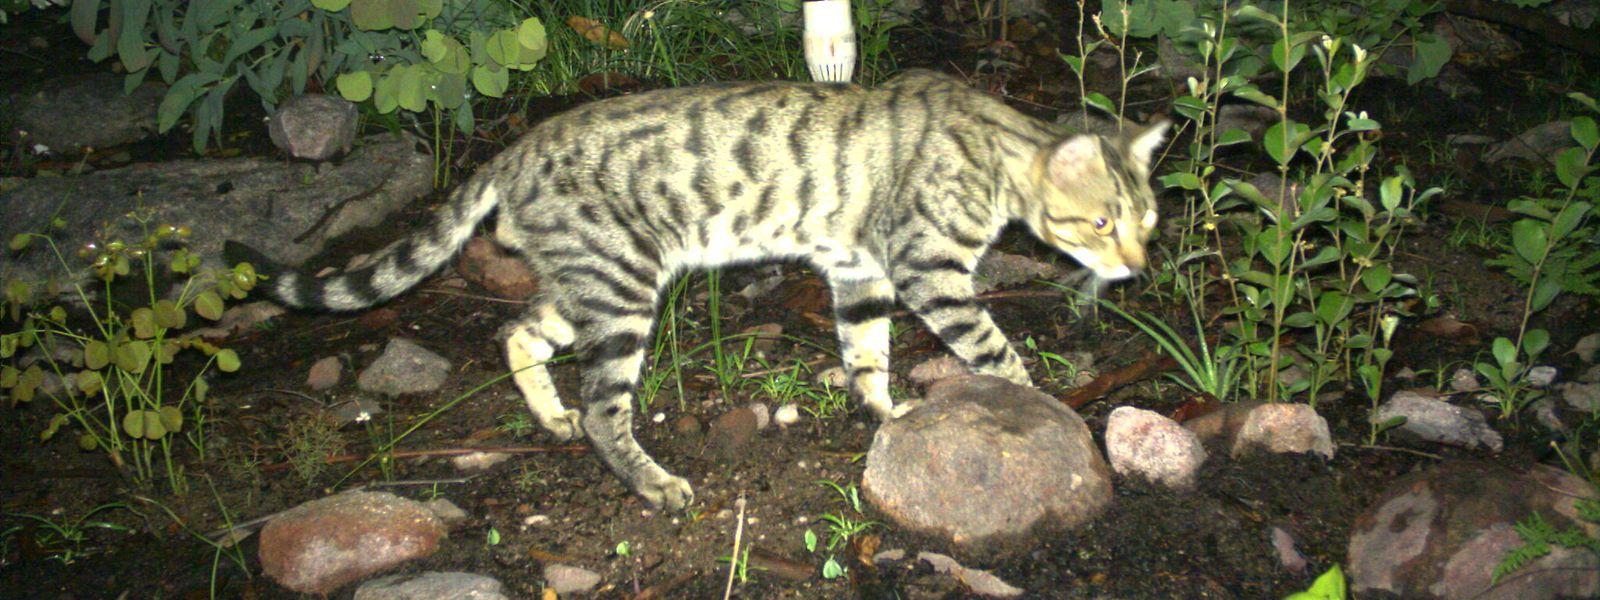 Eine Wildkatze läuft durch ein Naturschutzgebiet in einer abgelegenen Region Nordaustraliens und wird dabei von einer Überwachungskamera mit Bewegungsmelder aufgenommen.